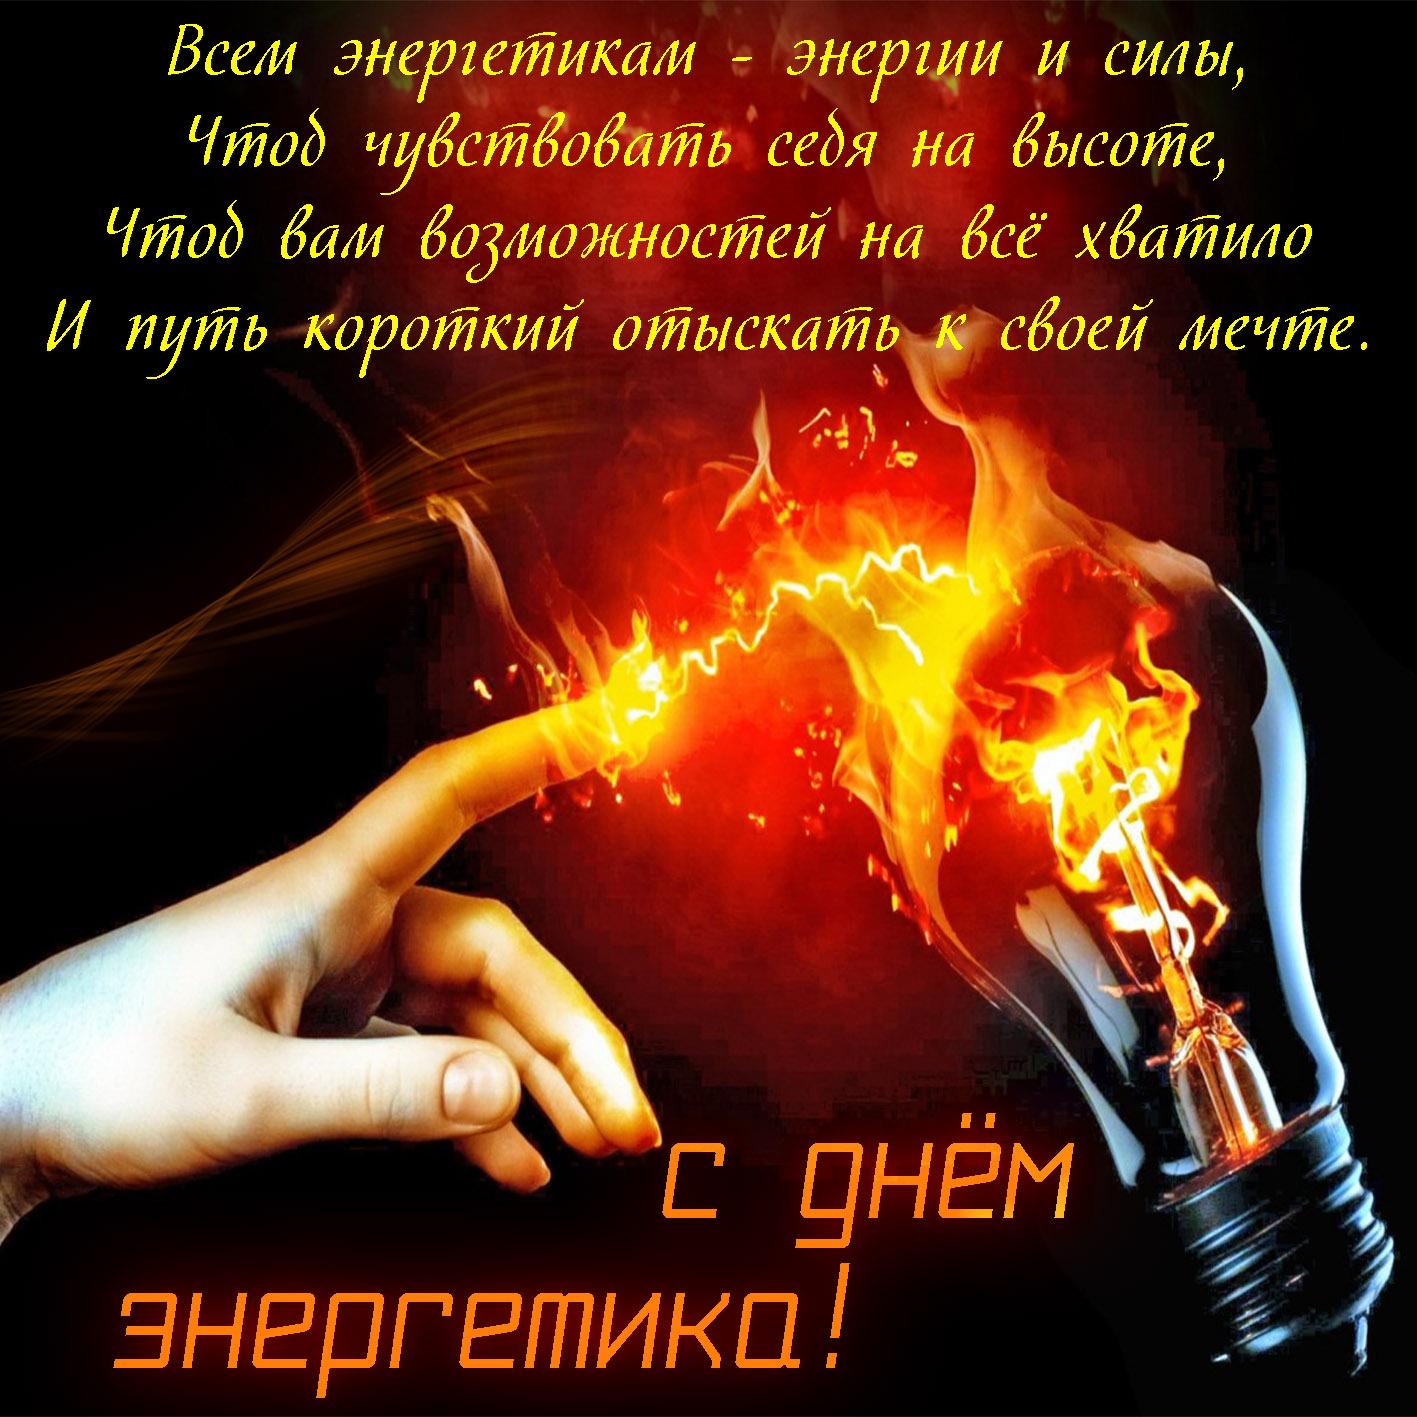 Поздравление для любимого энергетика